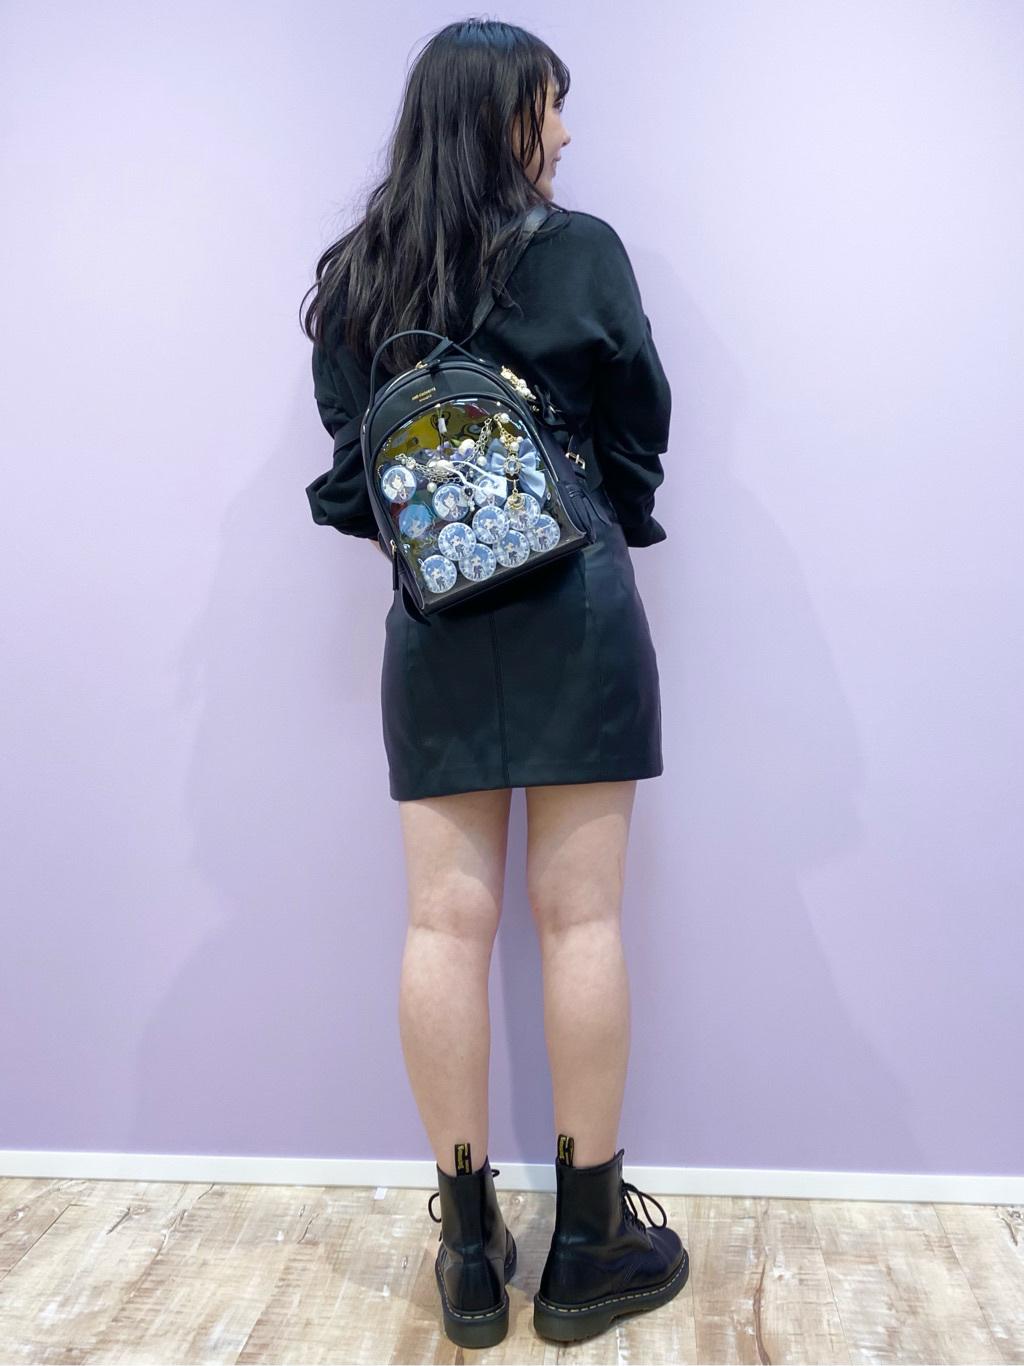 &シュエットギャラリーイオンモール木更津店 kaho